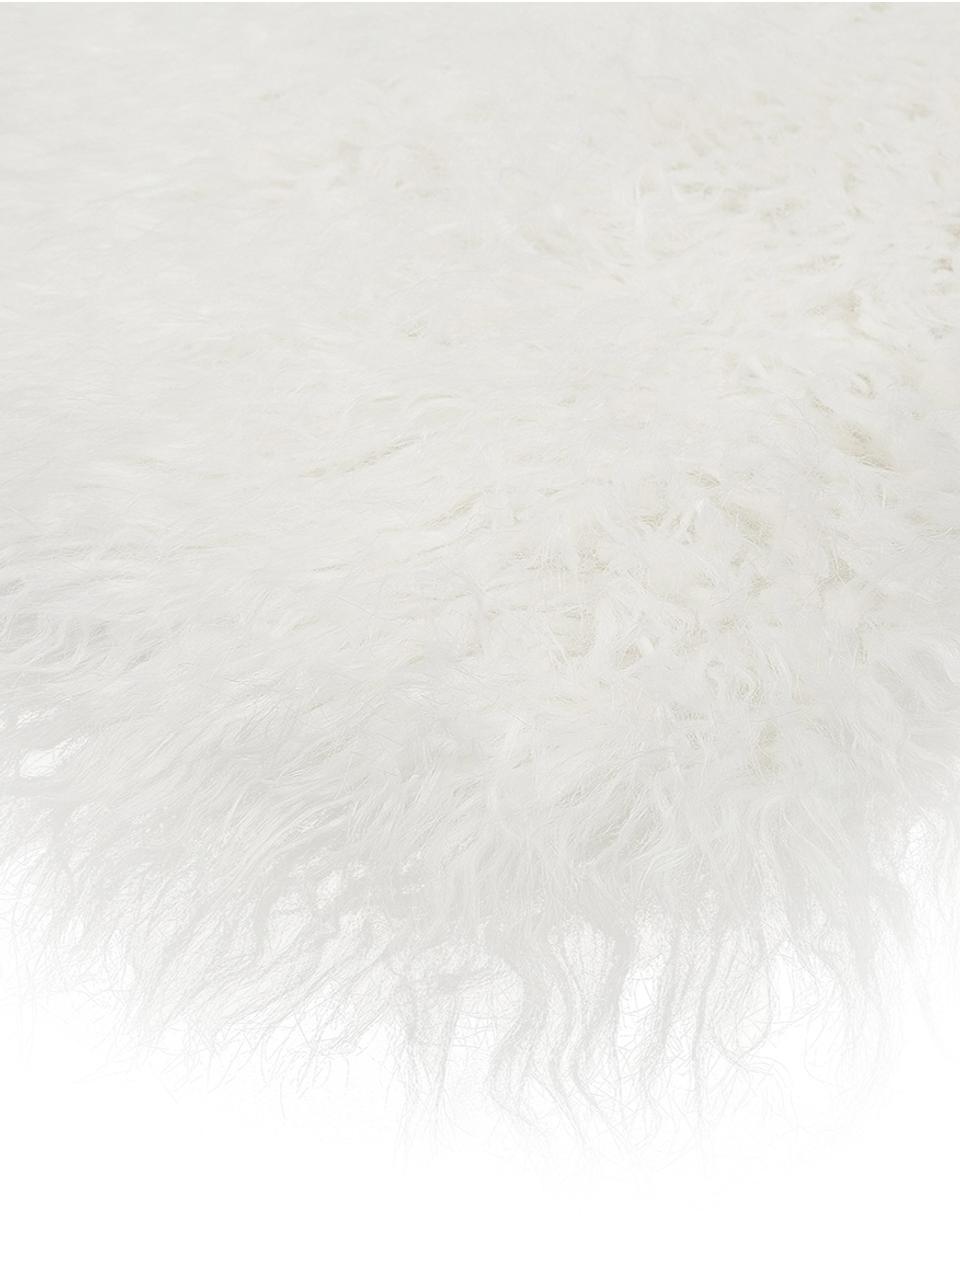 Kunstfell-Teppich Morten, gelockt, Vorderseite: 67% Acryl, 33% Polyester, Rückseite: Polyester, Creme, 60 x 180 cm